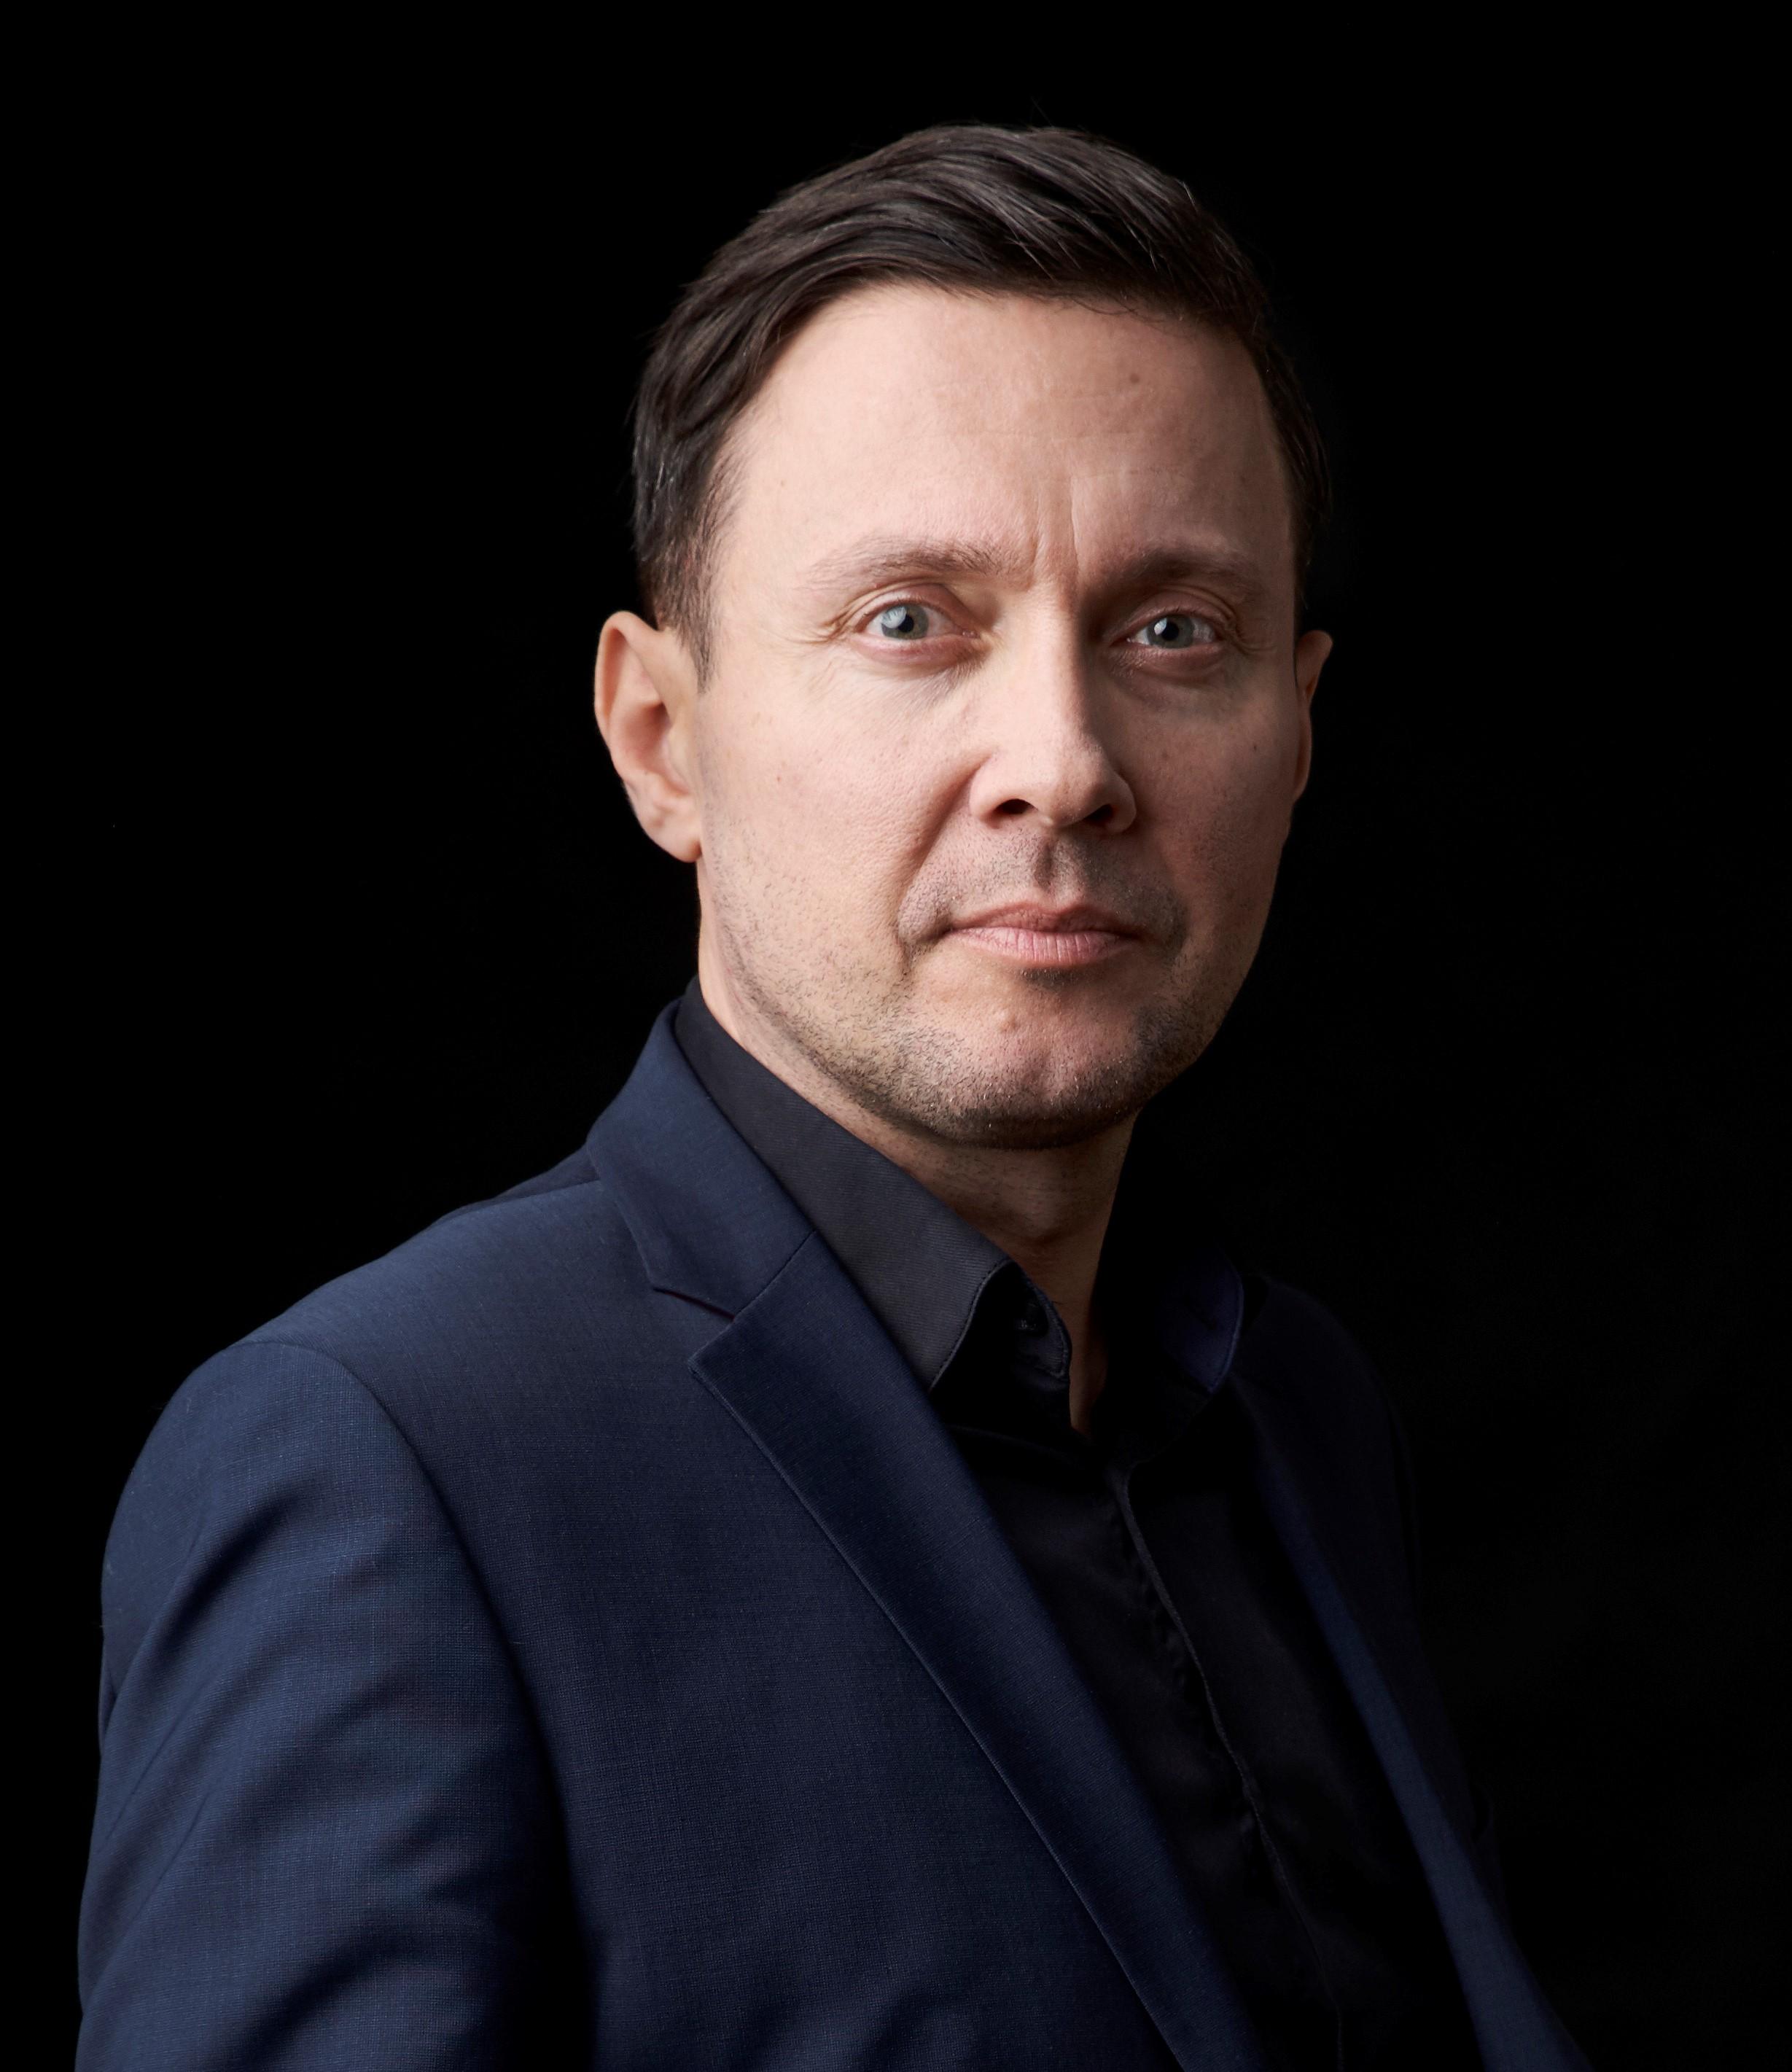 Tomasz Gordon